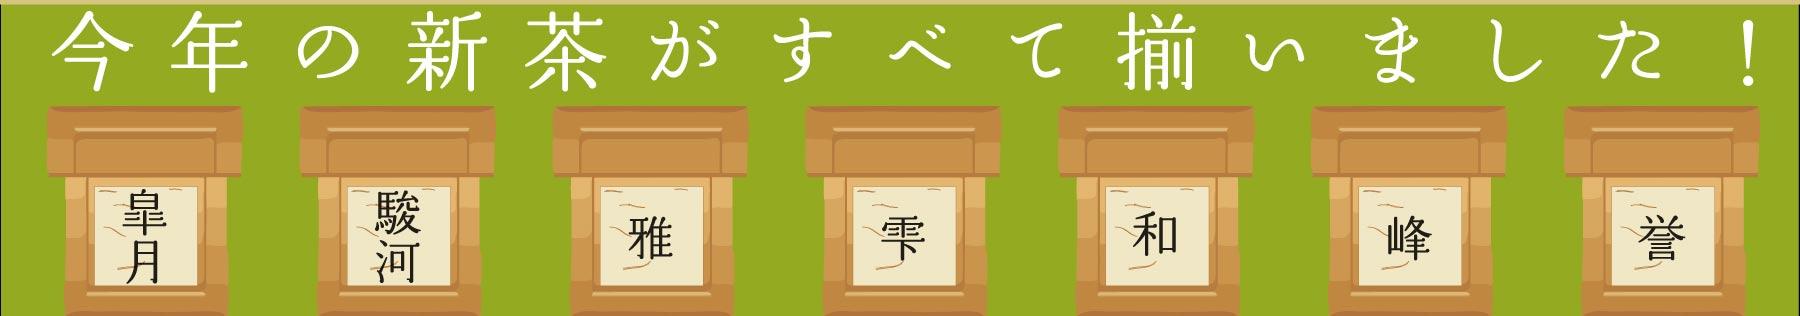 shincha2016allyamagata.jpg